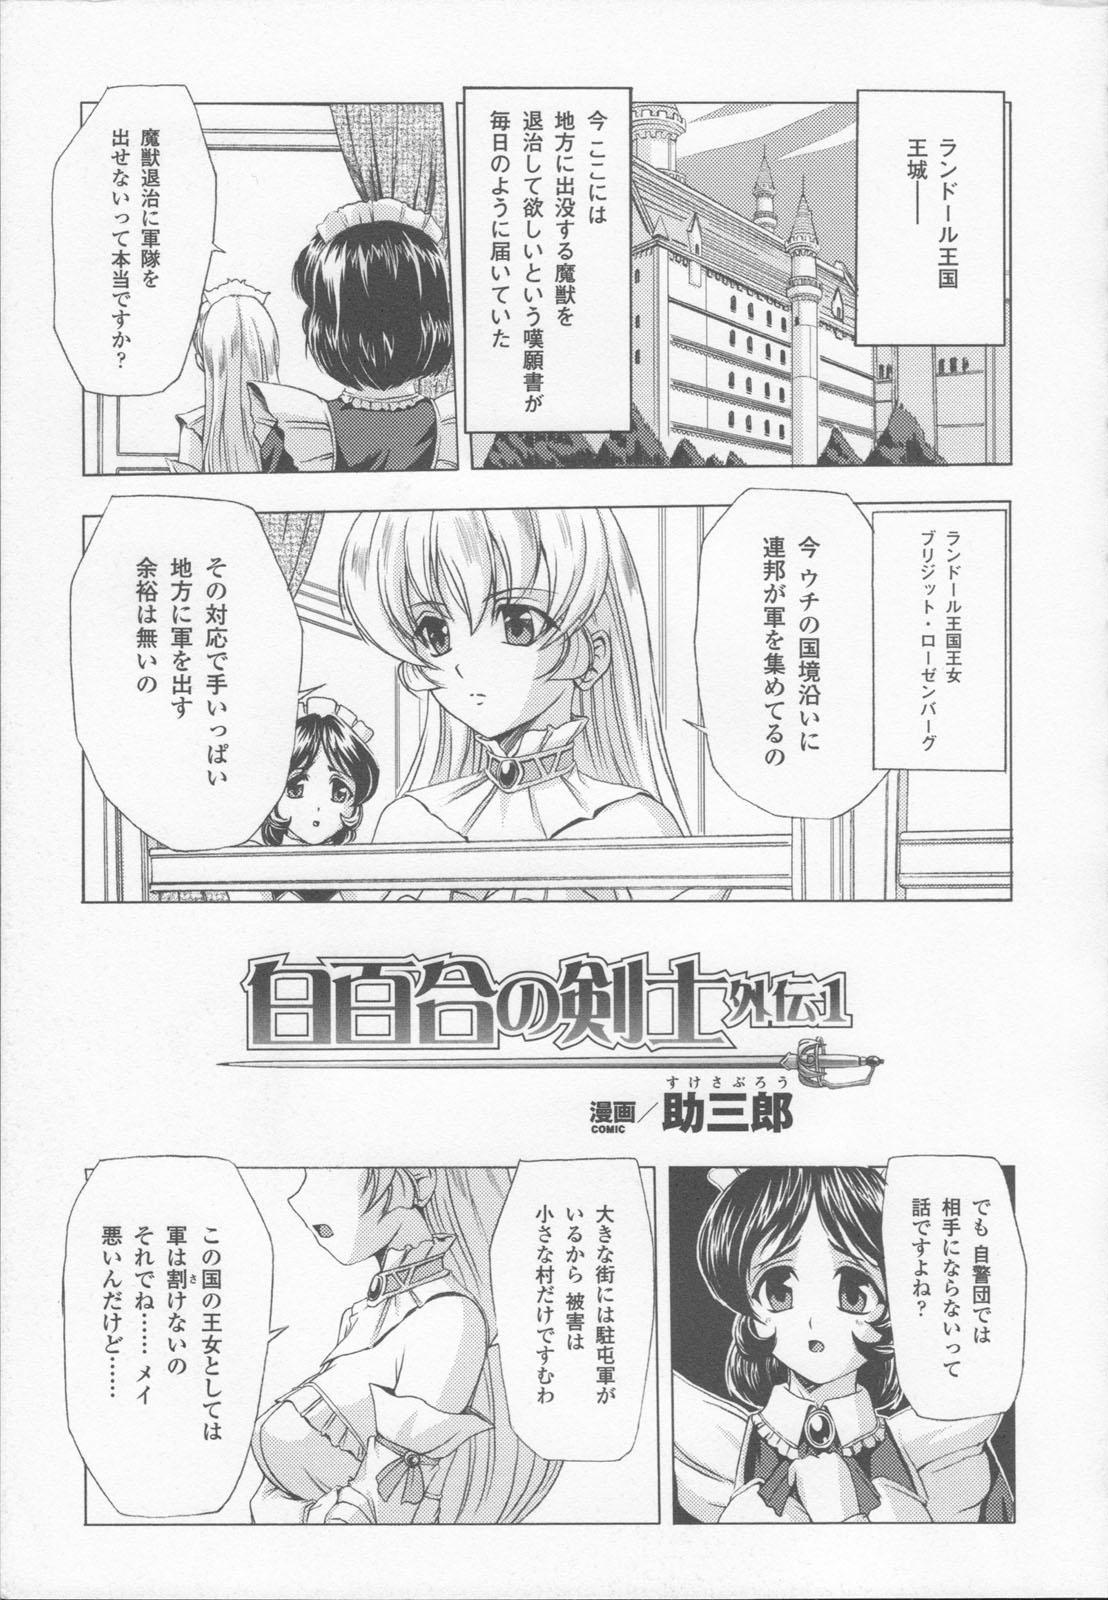 Shirayuri no Kenshi Anthology Comics 12